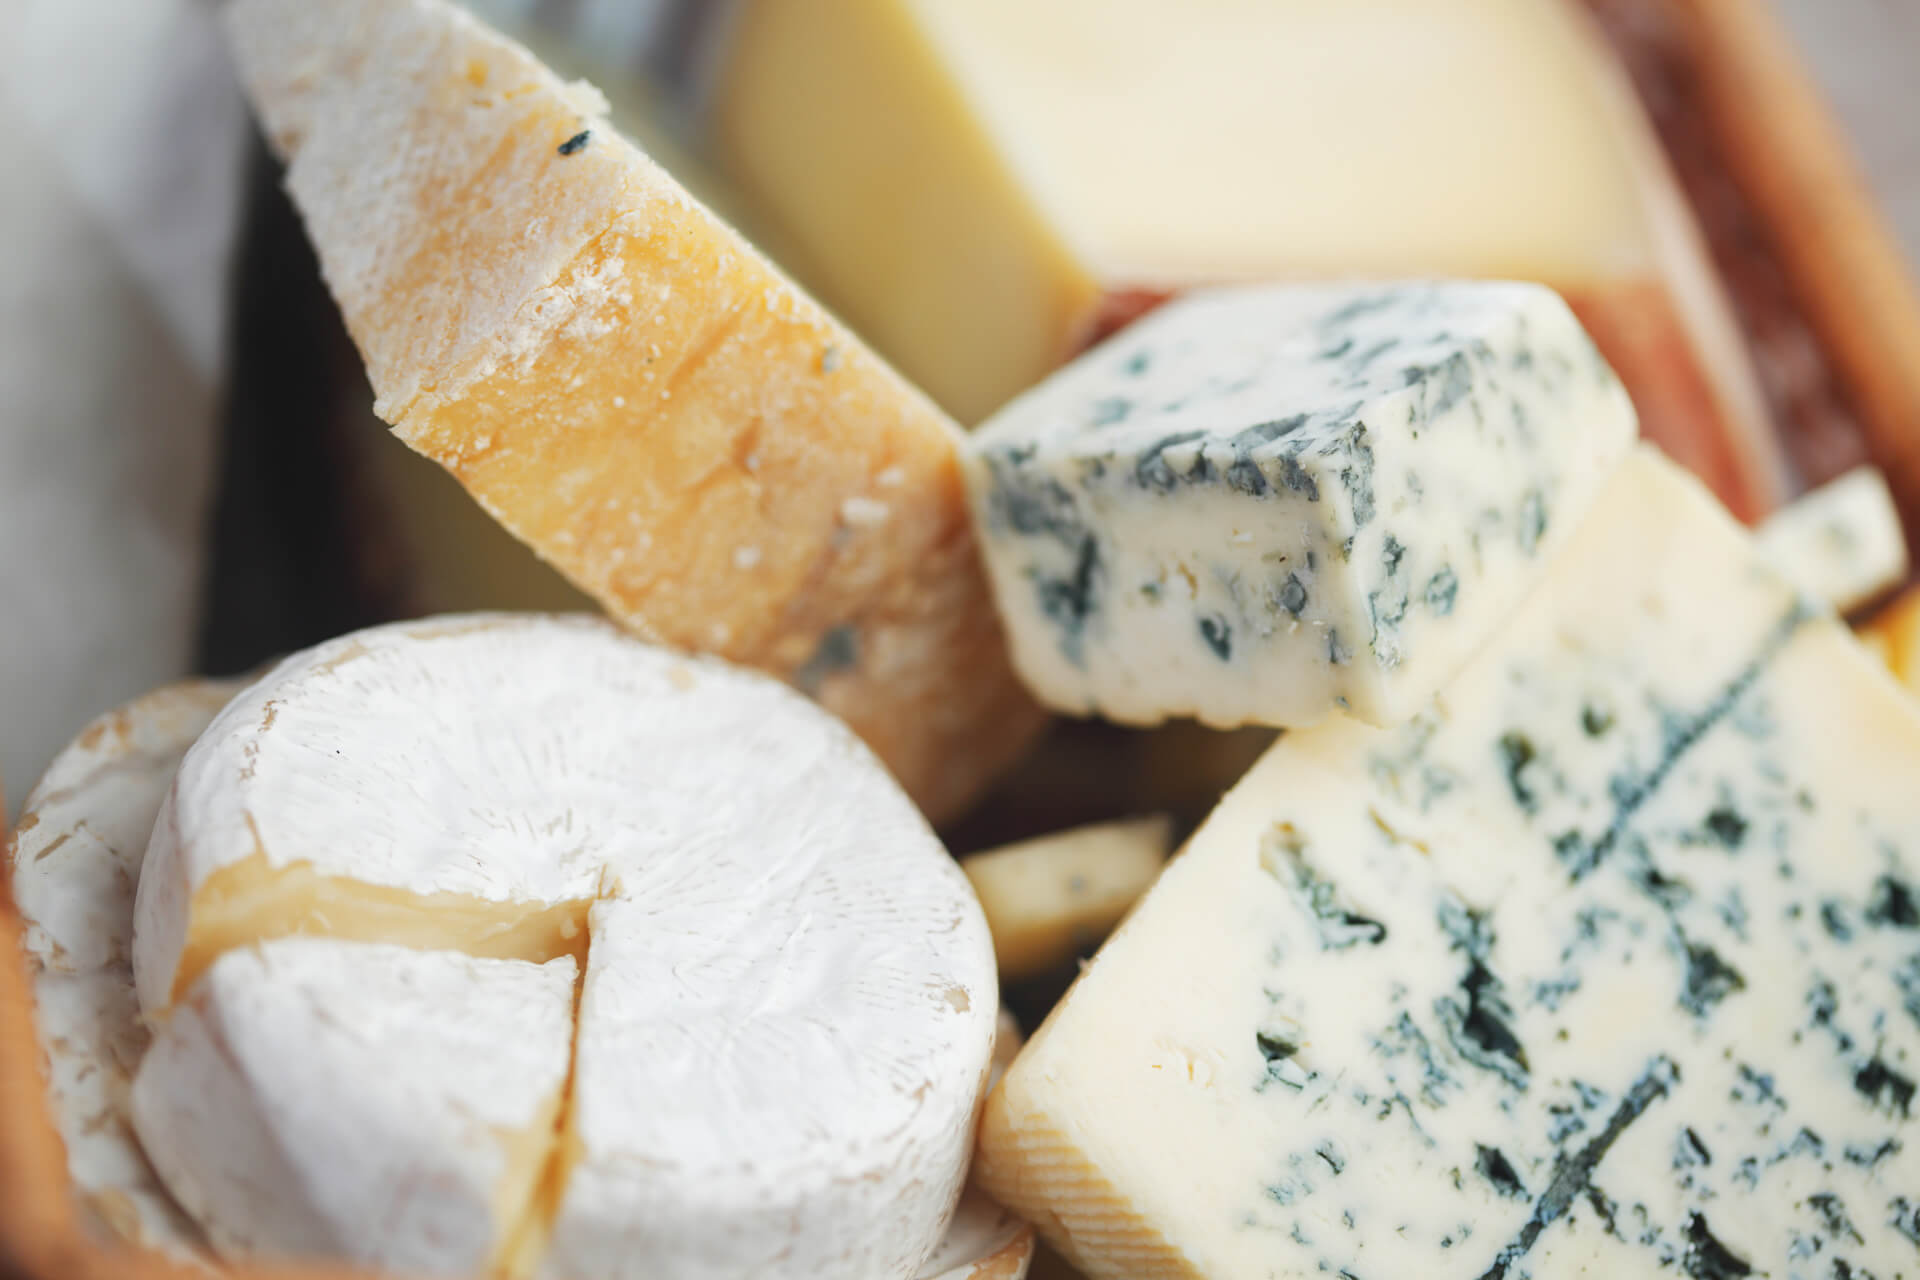 Date de péremption d'un fromage : meilleur avant ou juste à point